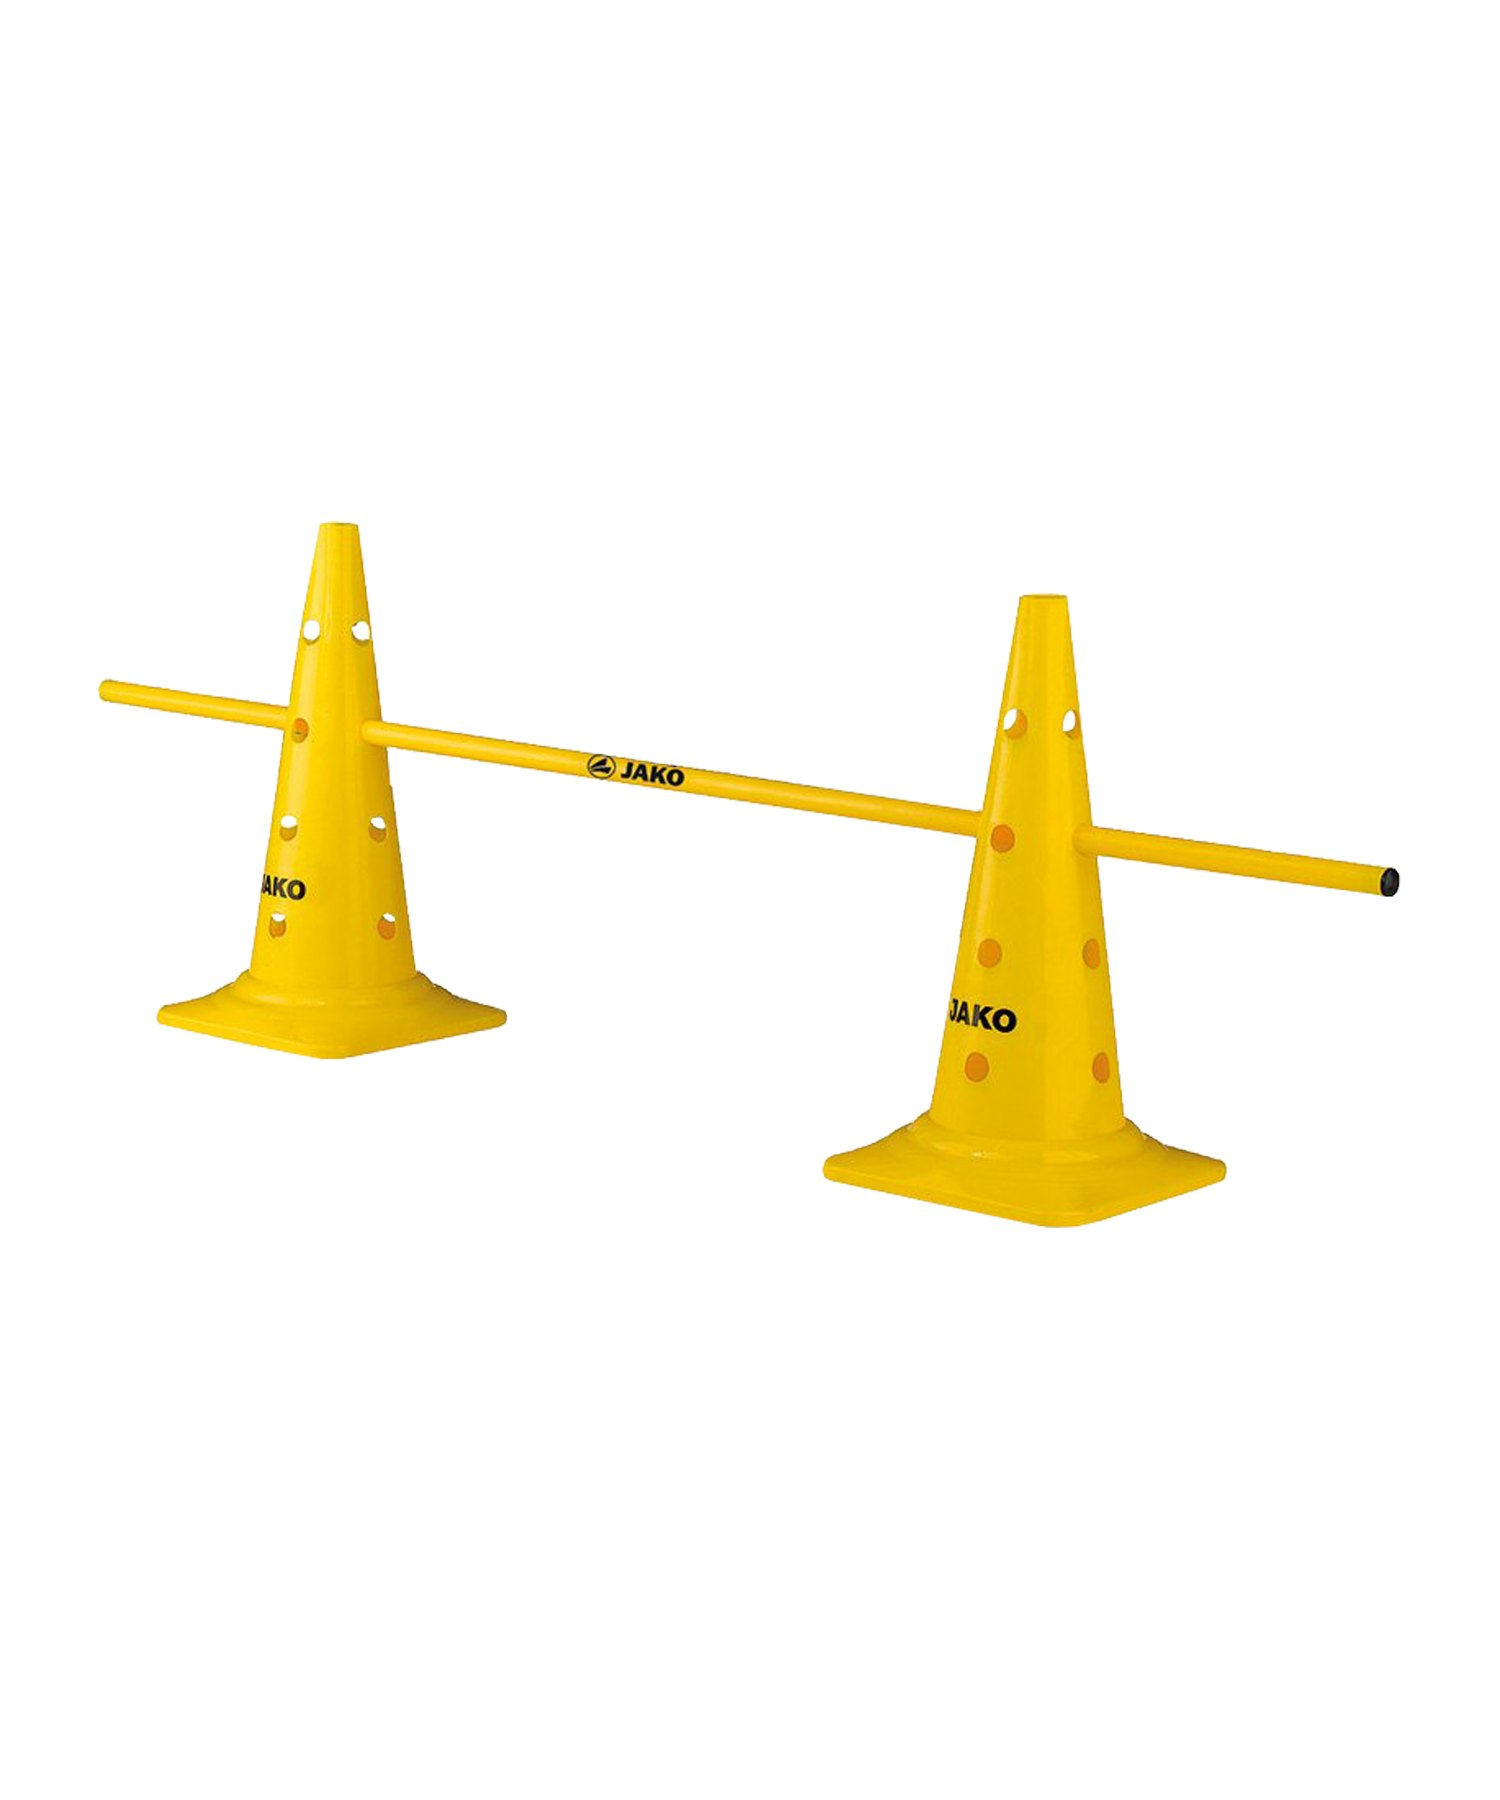 Jako Hütchen-Set mit Stange 50cm - gelb